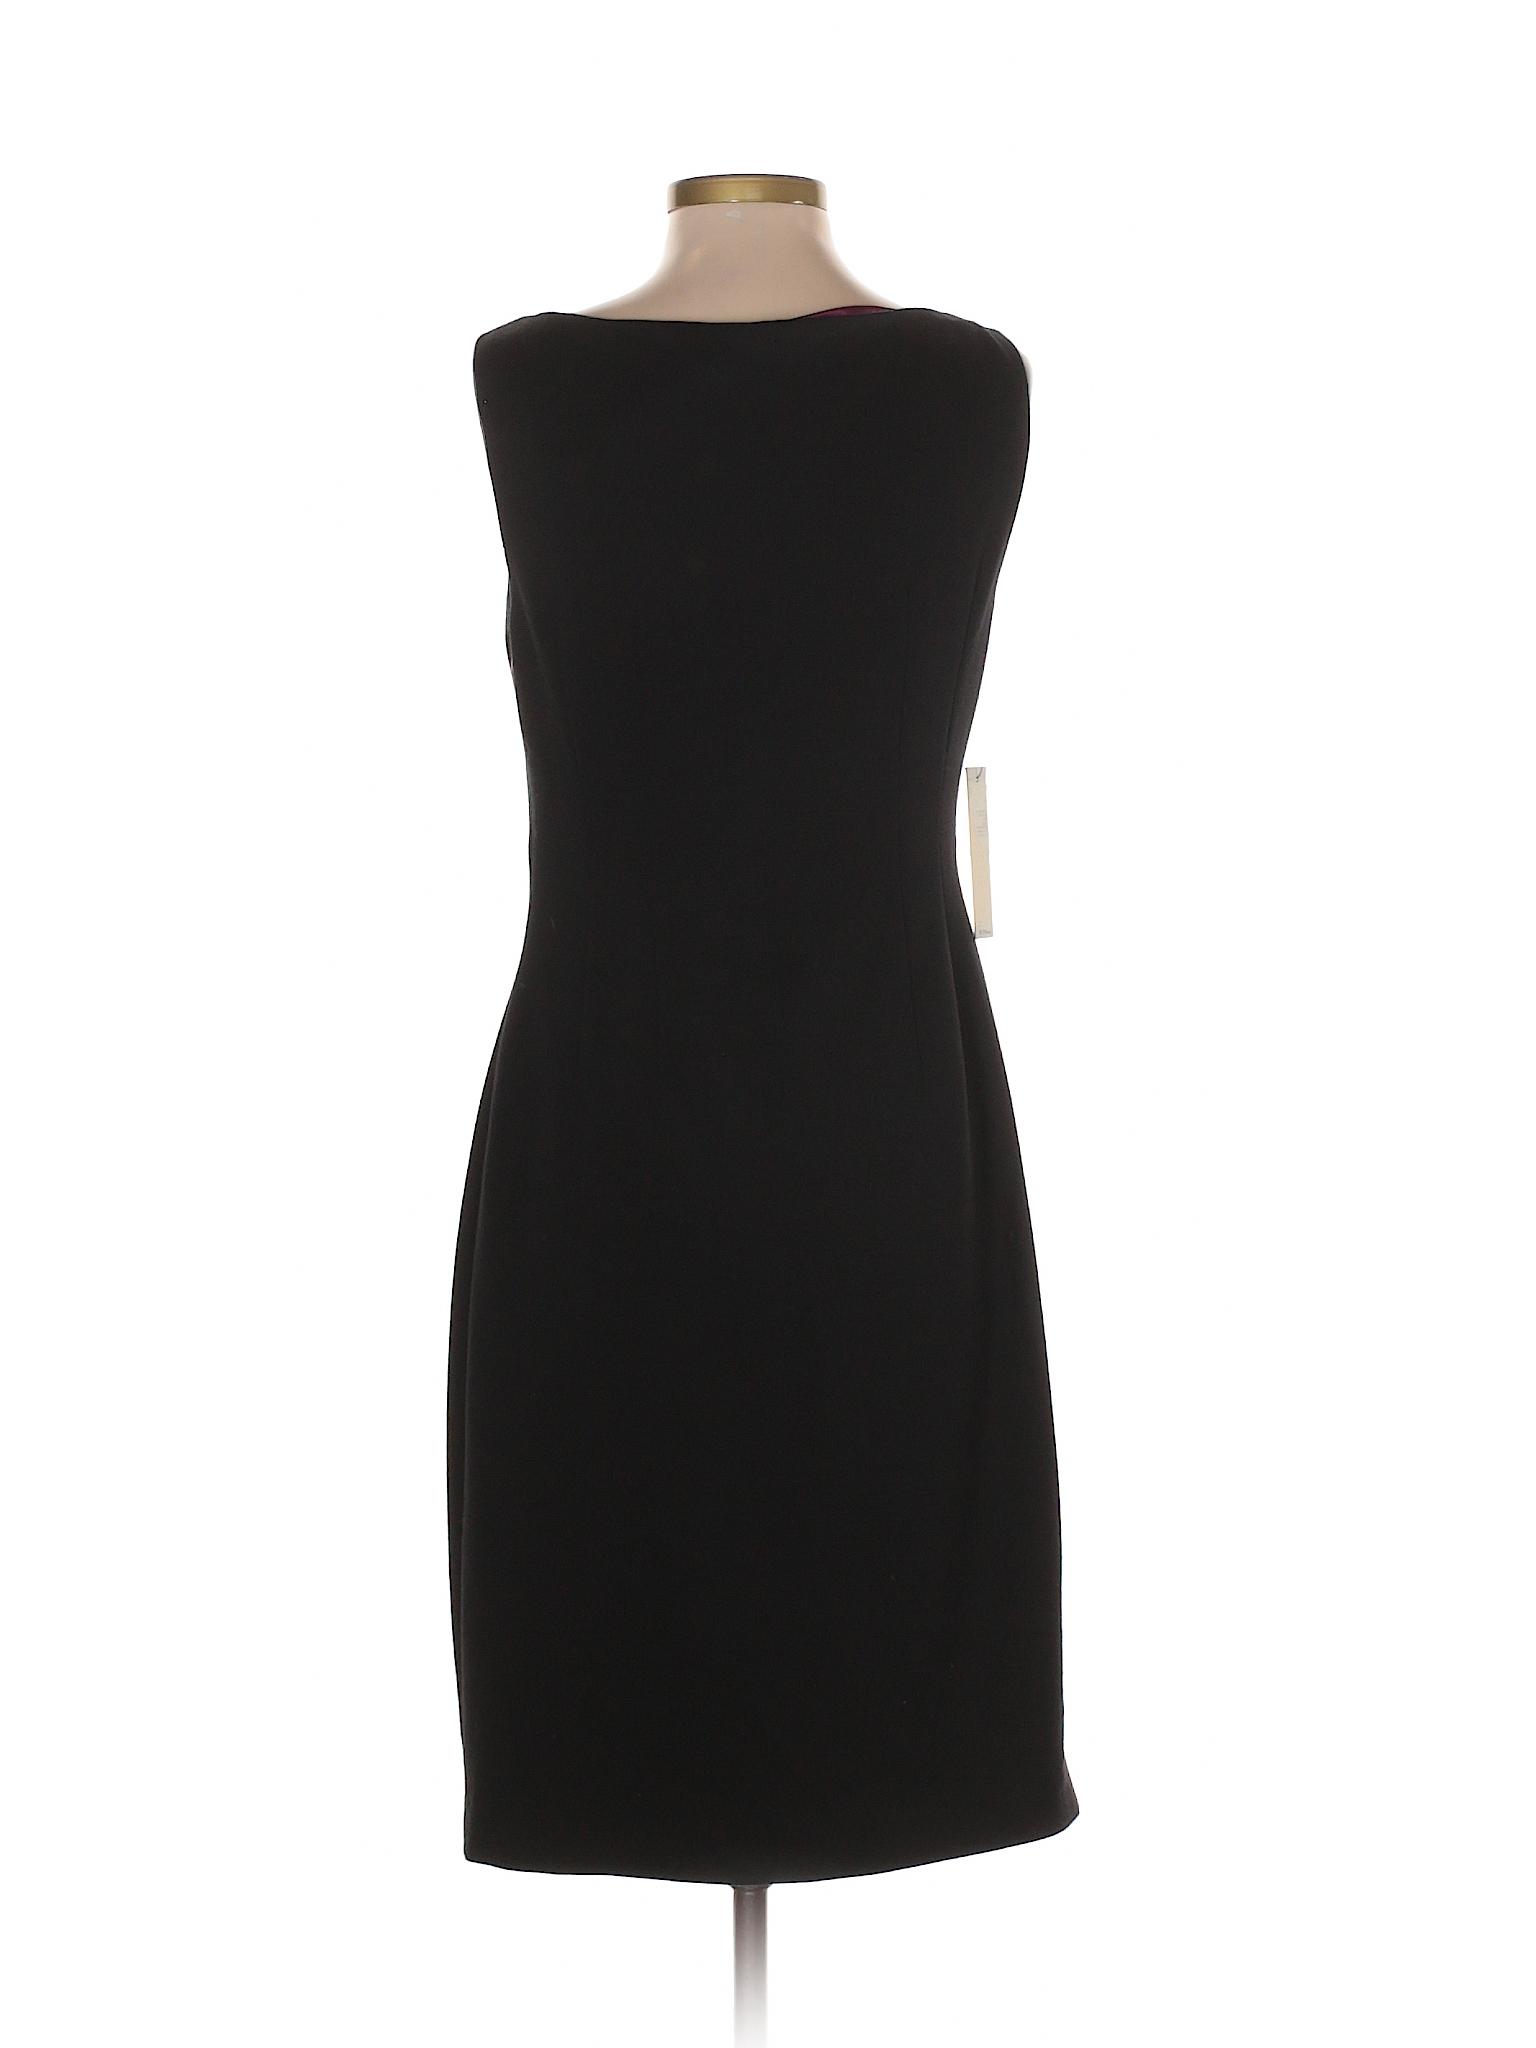 T Cocktail Boutique winter Dress Tahari Hw5TA5q8n